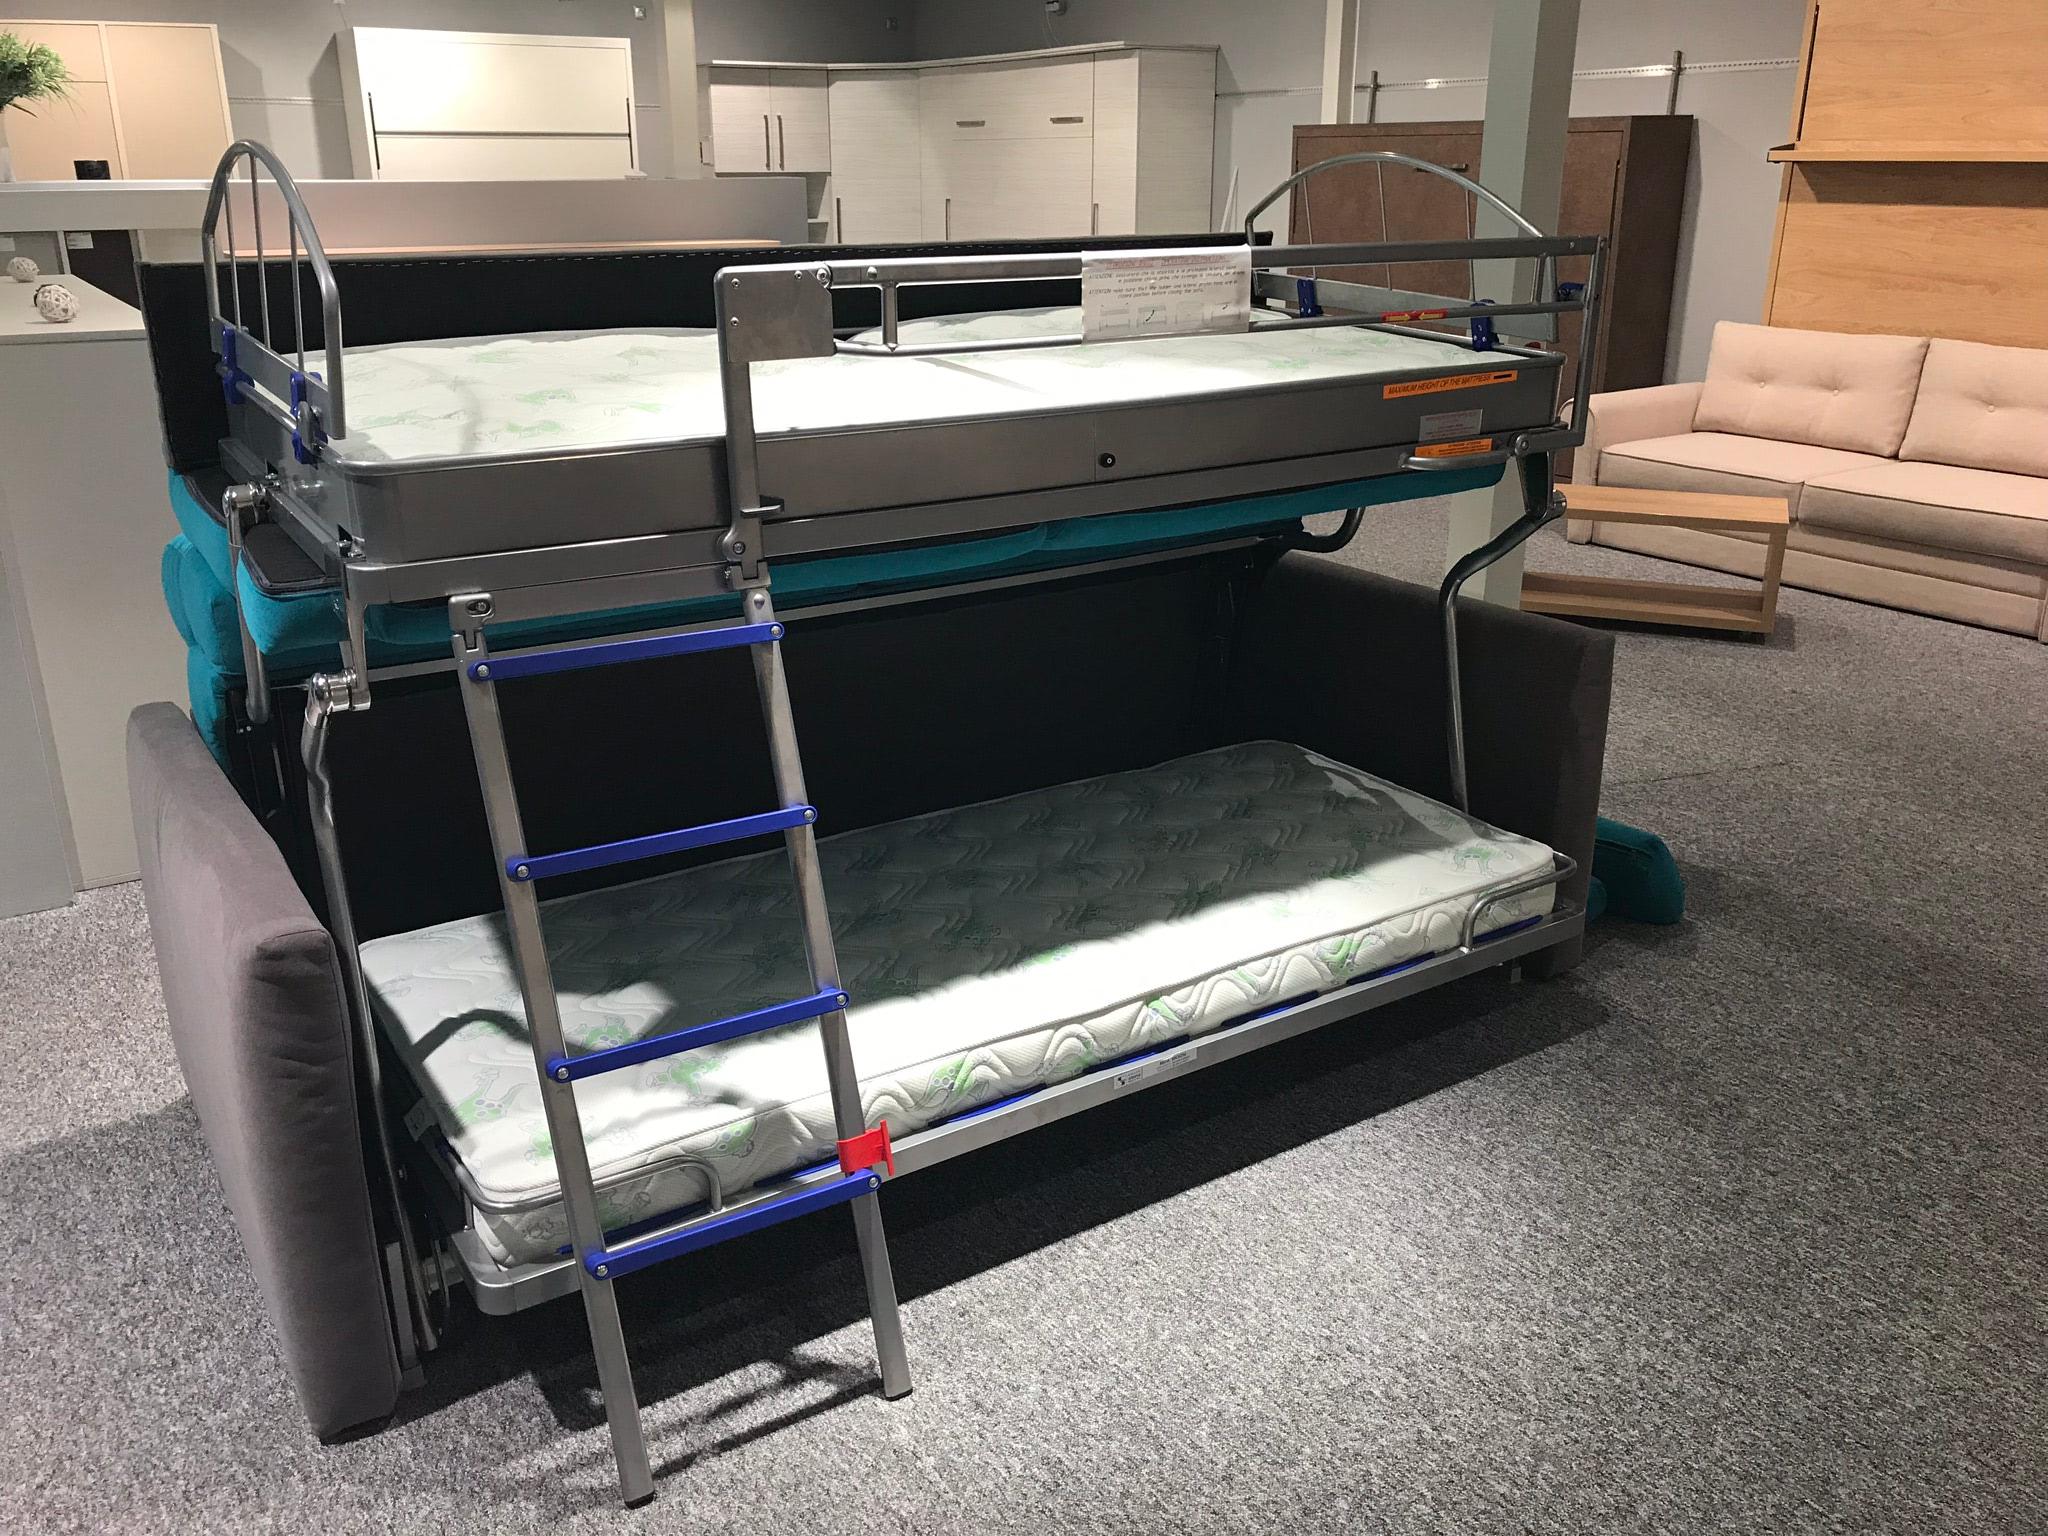 canapea care se trnaforma in 2 paturi suprapuse